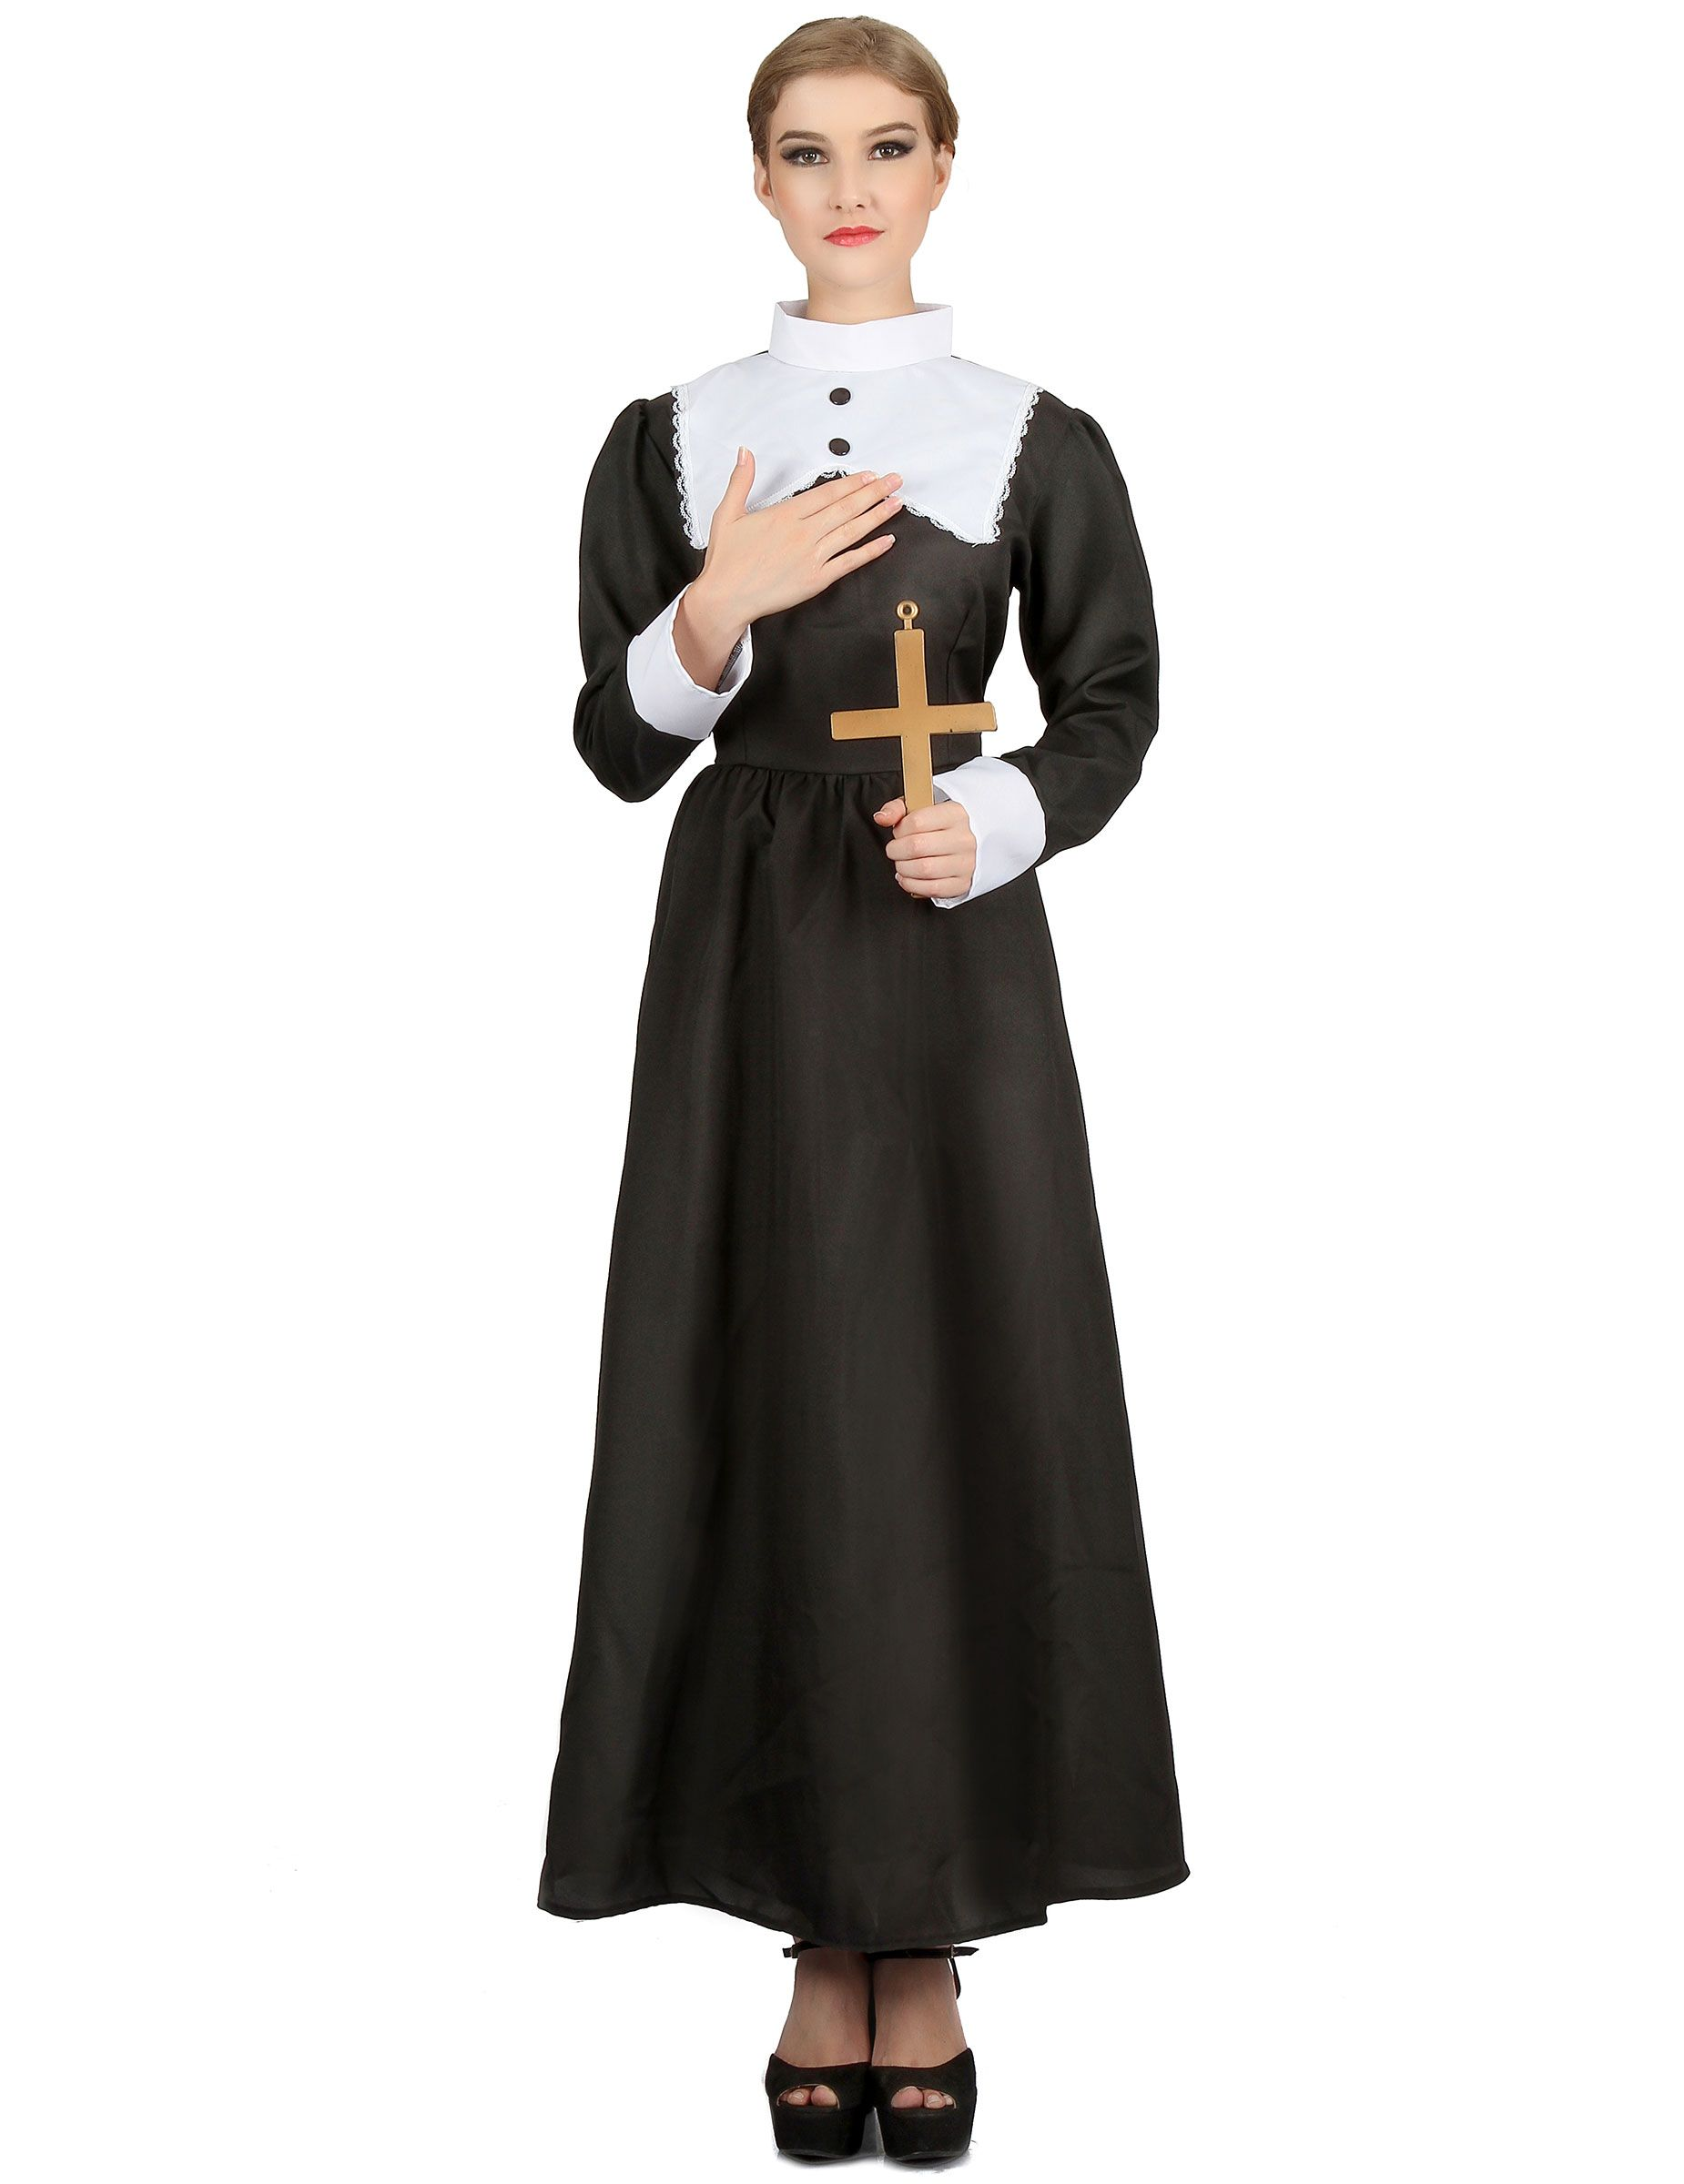 Costume da Suora per donna  Questo travestimento da suora per donna é  composto da un ba1d606fc9b0